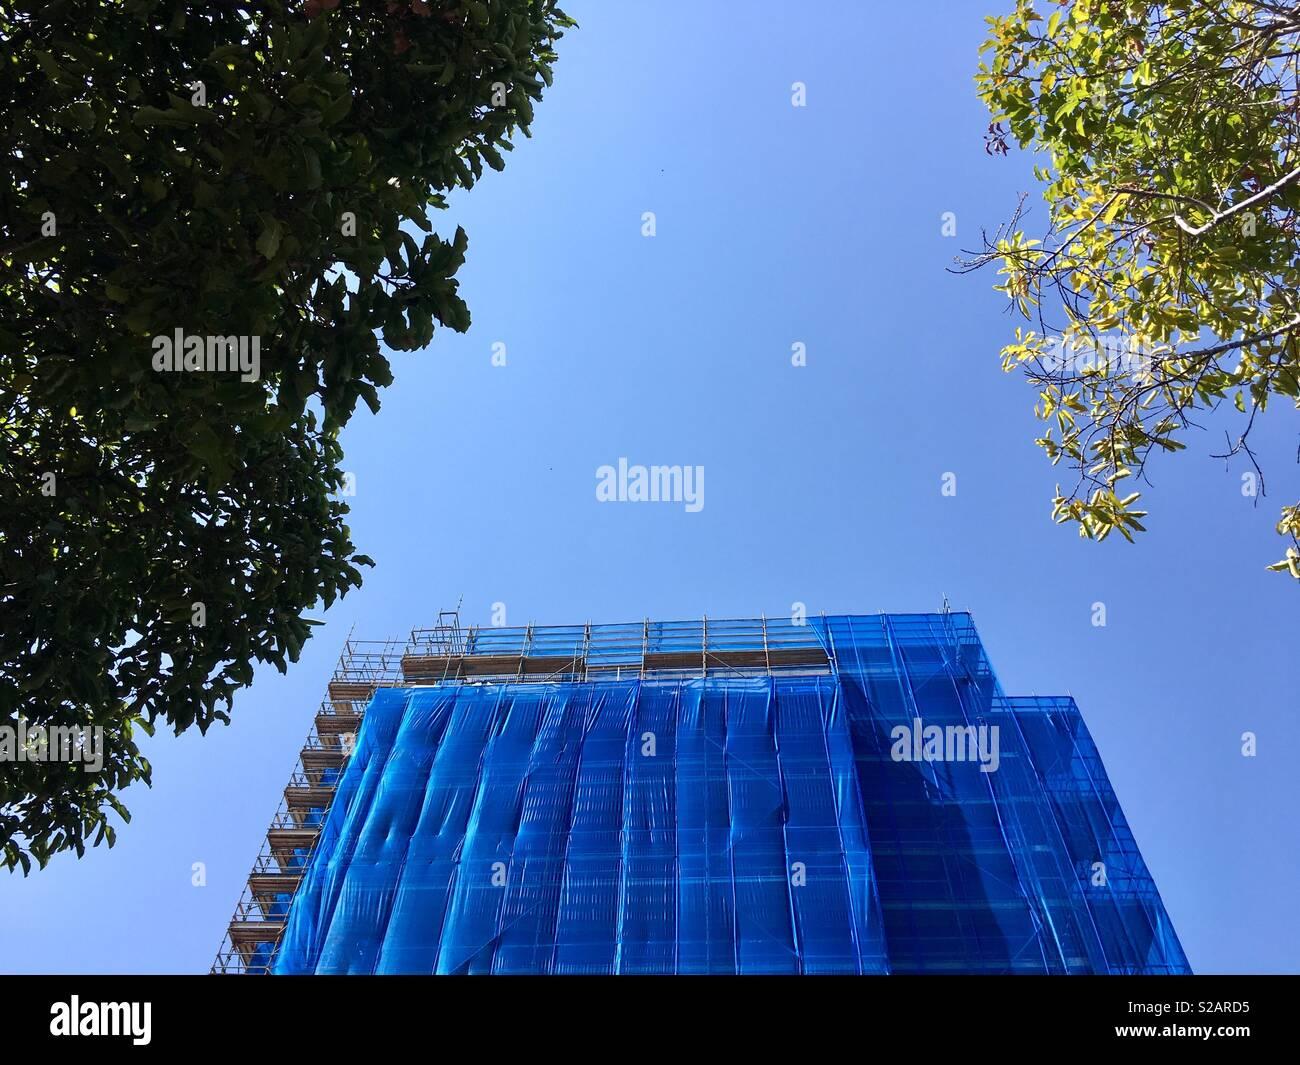 Bâtiment visé dans l'échafaudage bleu contre un ciel bleu vu entre deux arbres. Photo Stock